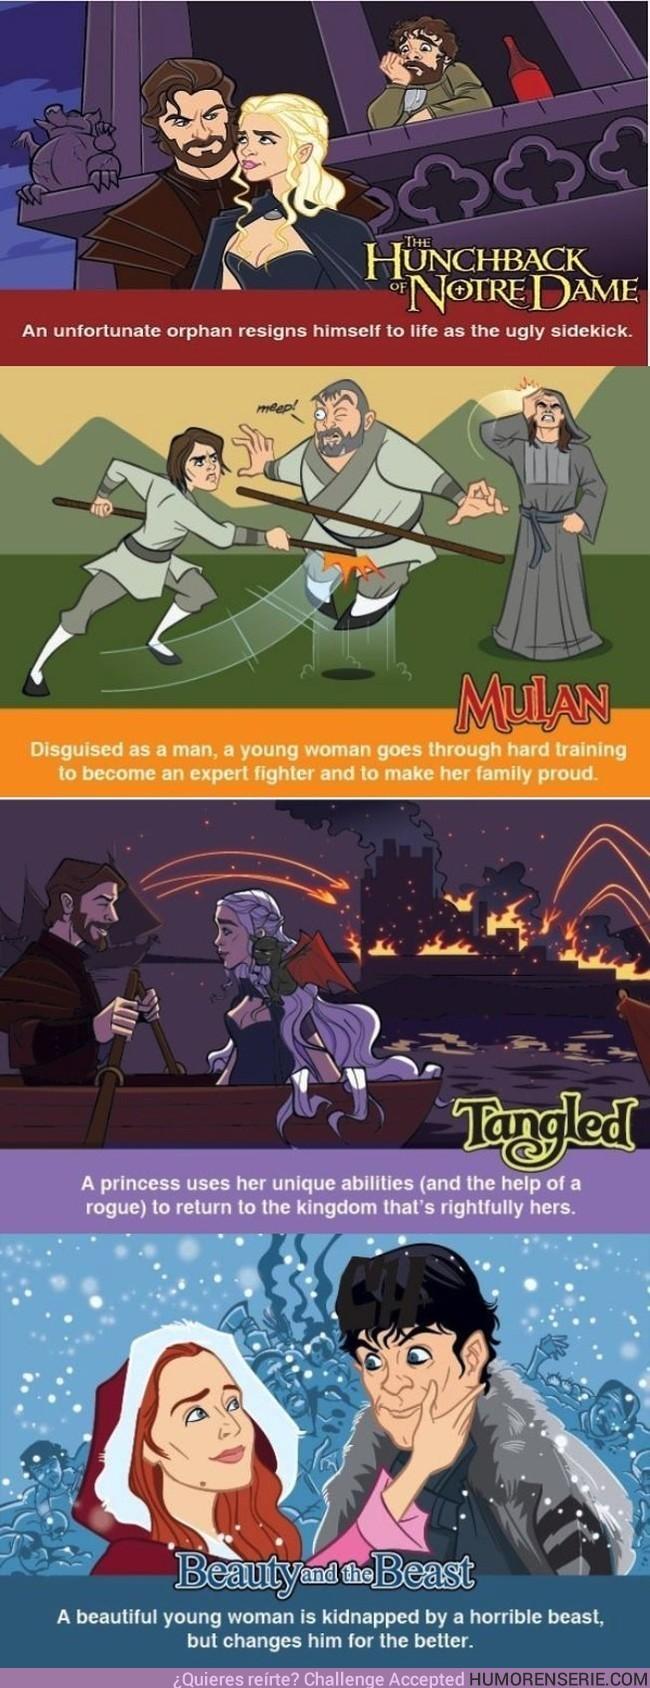 3769 - ¿Qué pasa si juntamos Juego de Tronos y Disney?